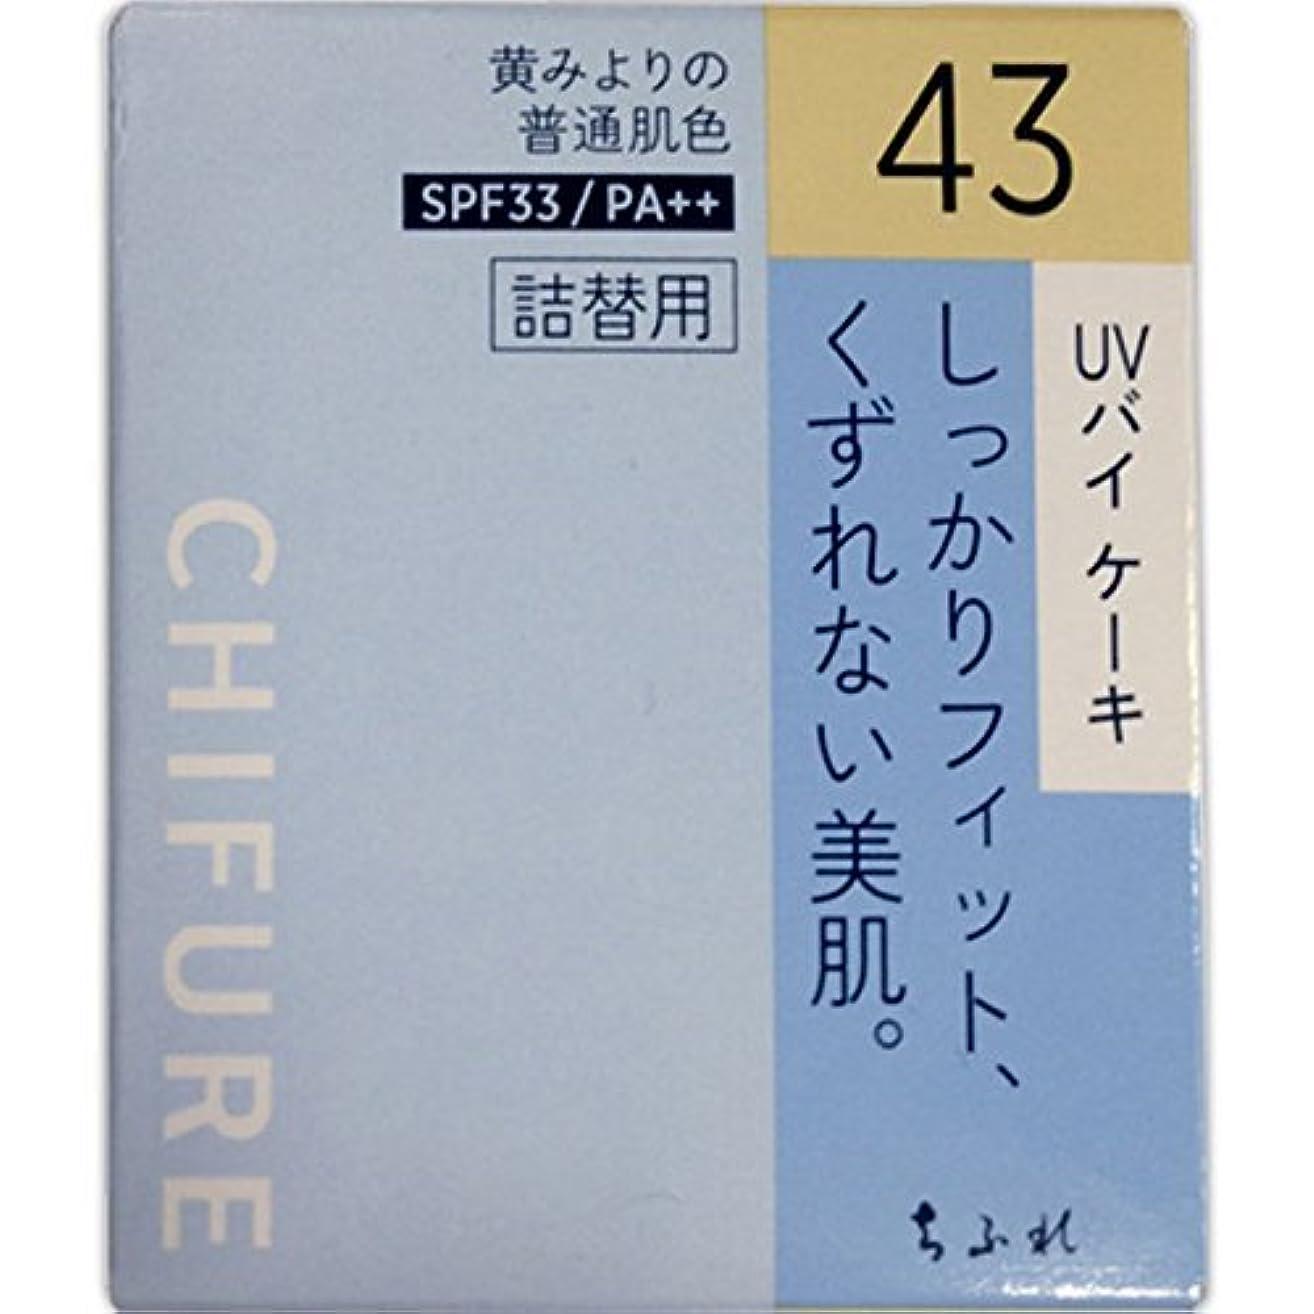 人差し指枠聖なるちふれ化粧品 UV バイ ケーキ 詰替用 43 黄みよりの普通肌色 43